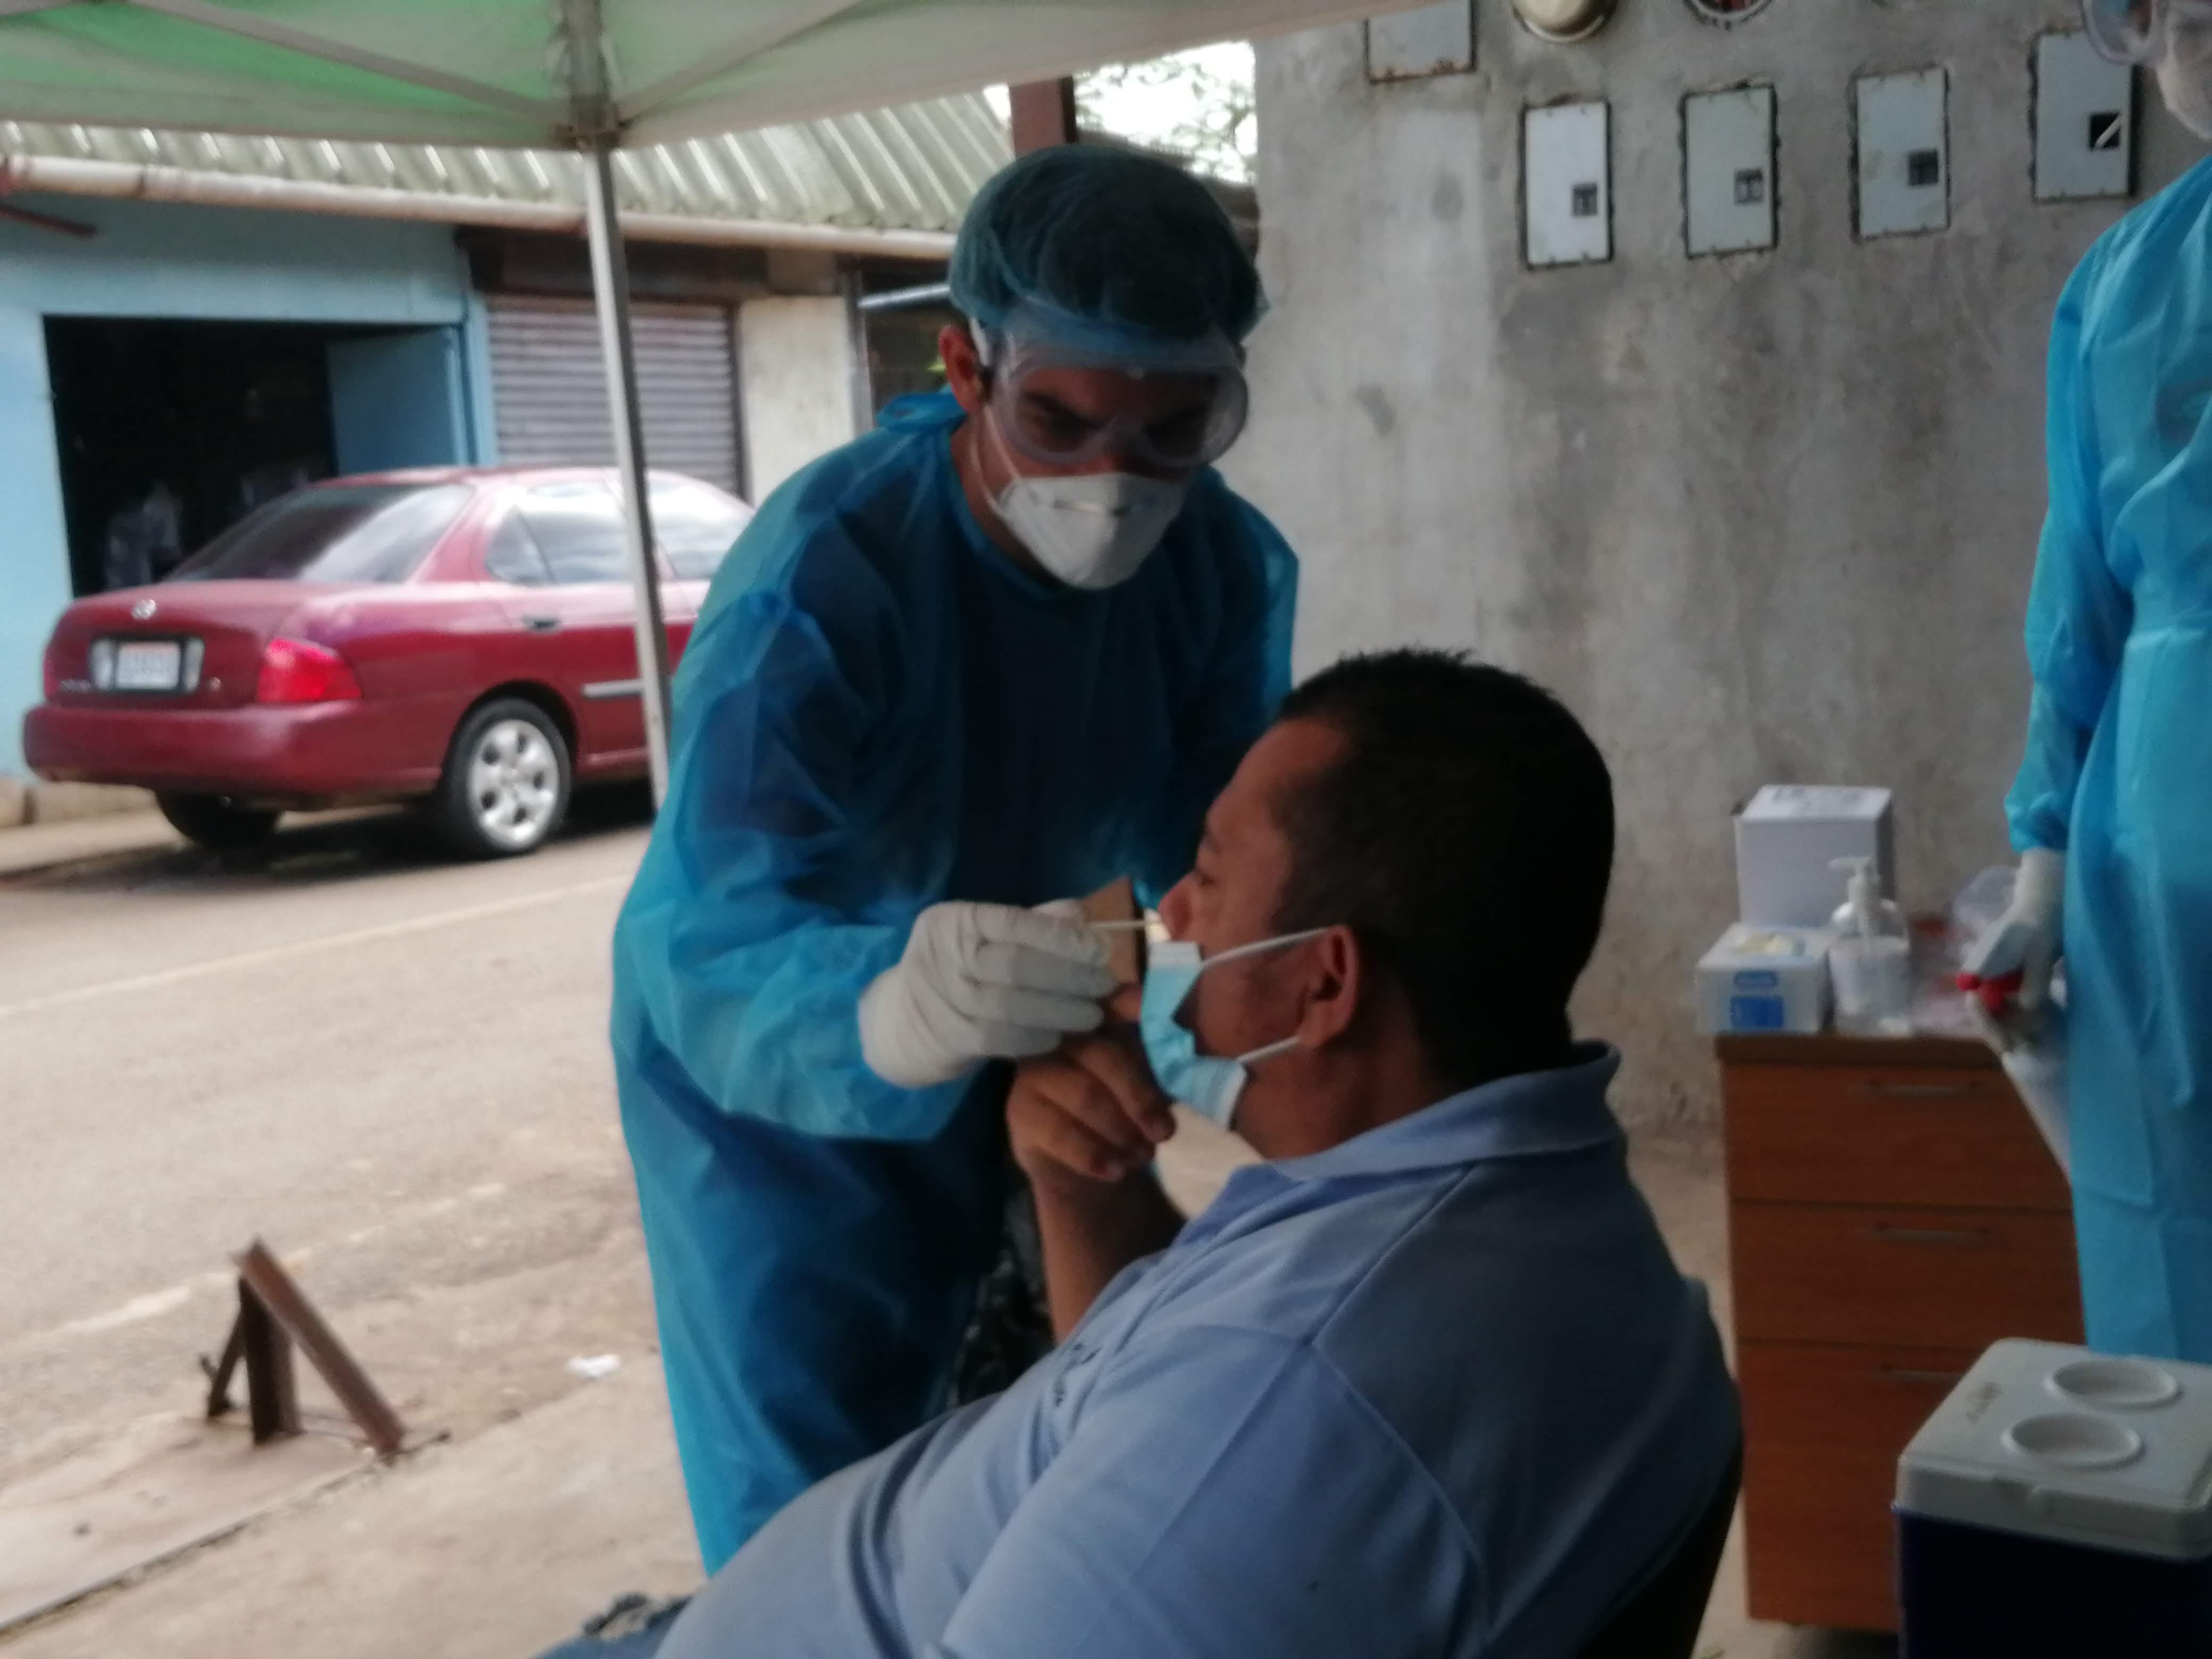 Se realizaron varios hisopados en el área del Mercadode Abastos de La Chorrera, para buscar los casos positivos. FOTO/ERIC MONTENEGRO.